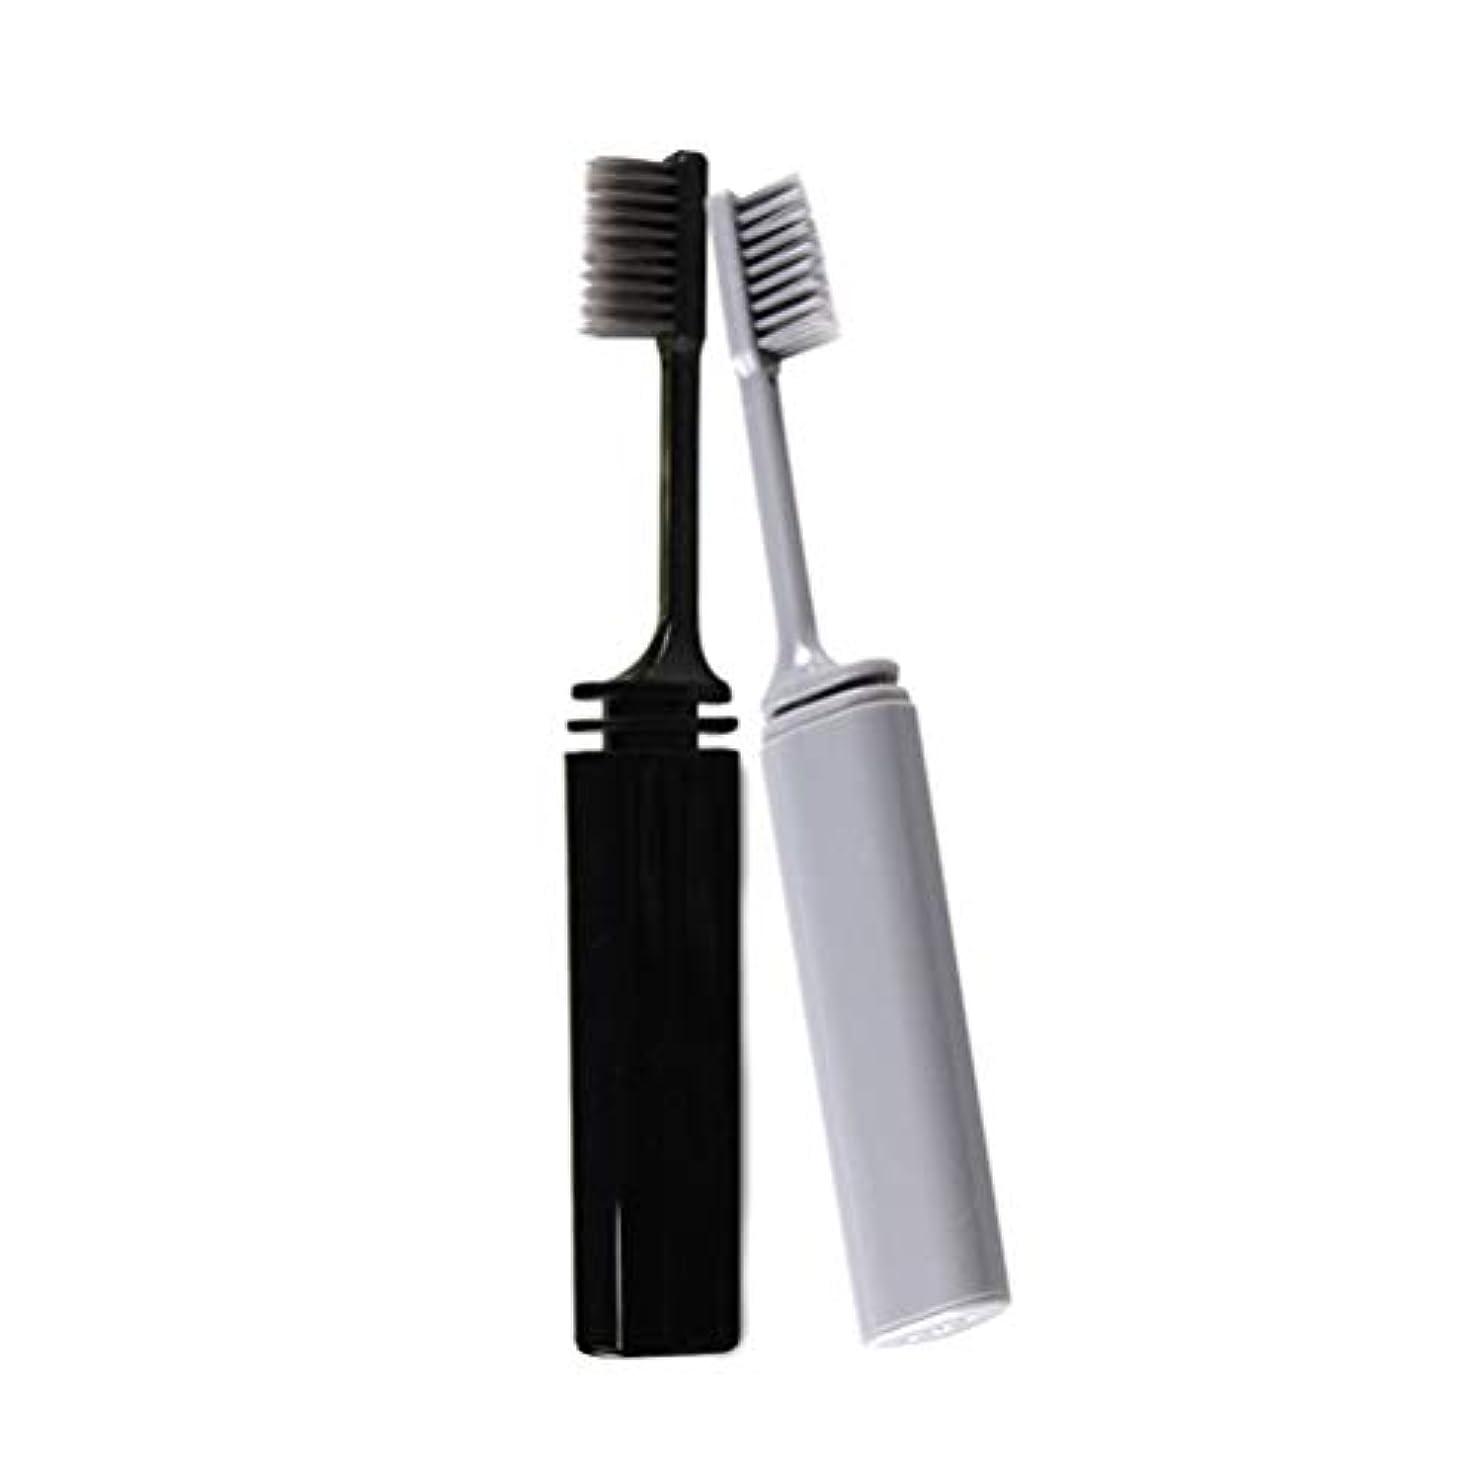 曲げる装置ハチSUPVOX 2本旅行歯ブラシポータブル折りたたみ竹炭柔らかい剛毛歯ブラシ(グレーブラック)